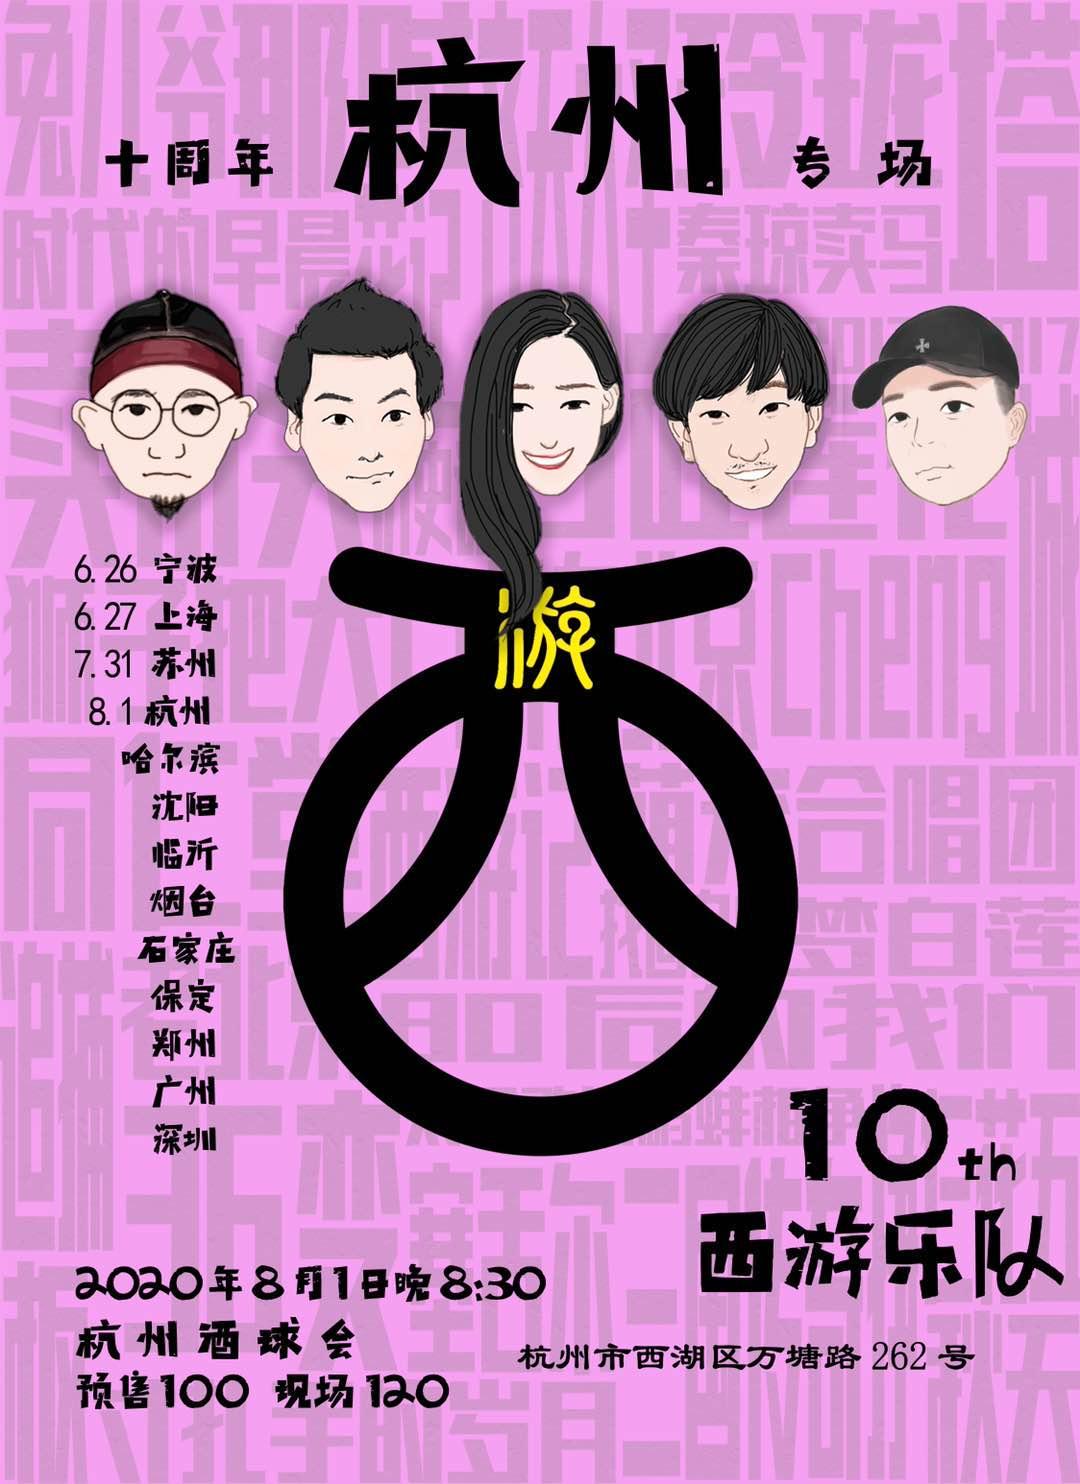 【杭州】西游乐队十周年巡演―杭州站